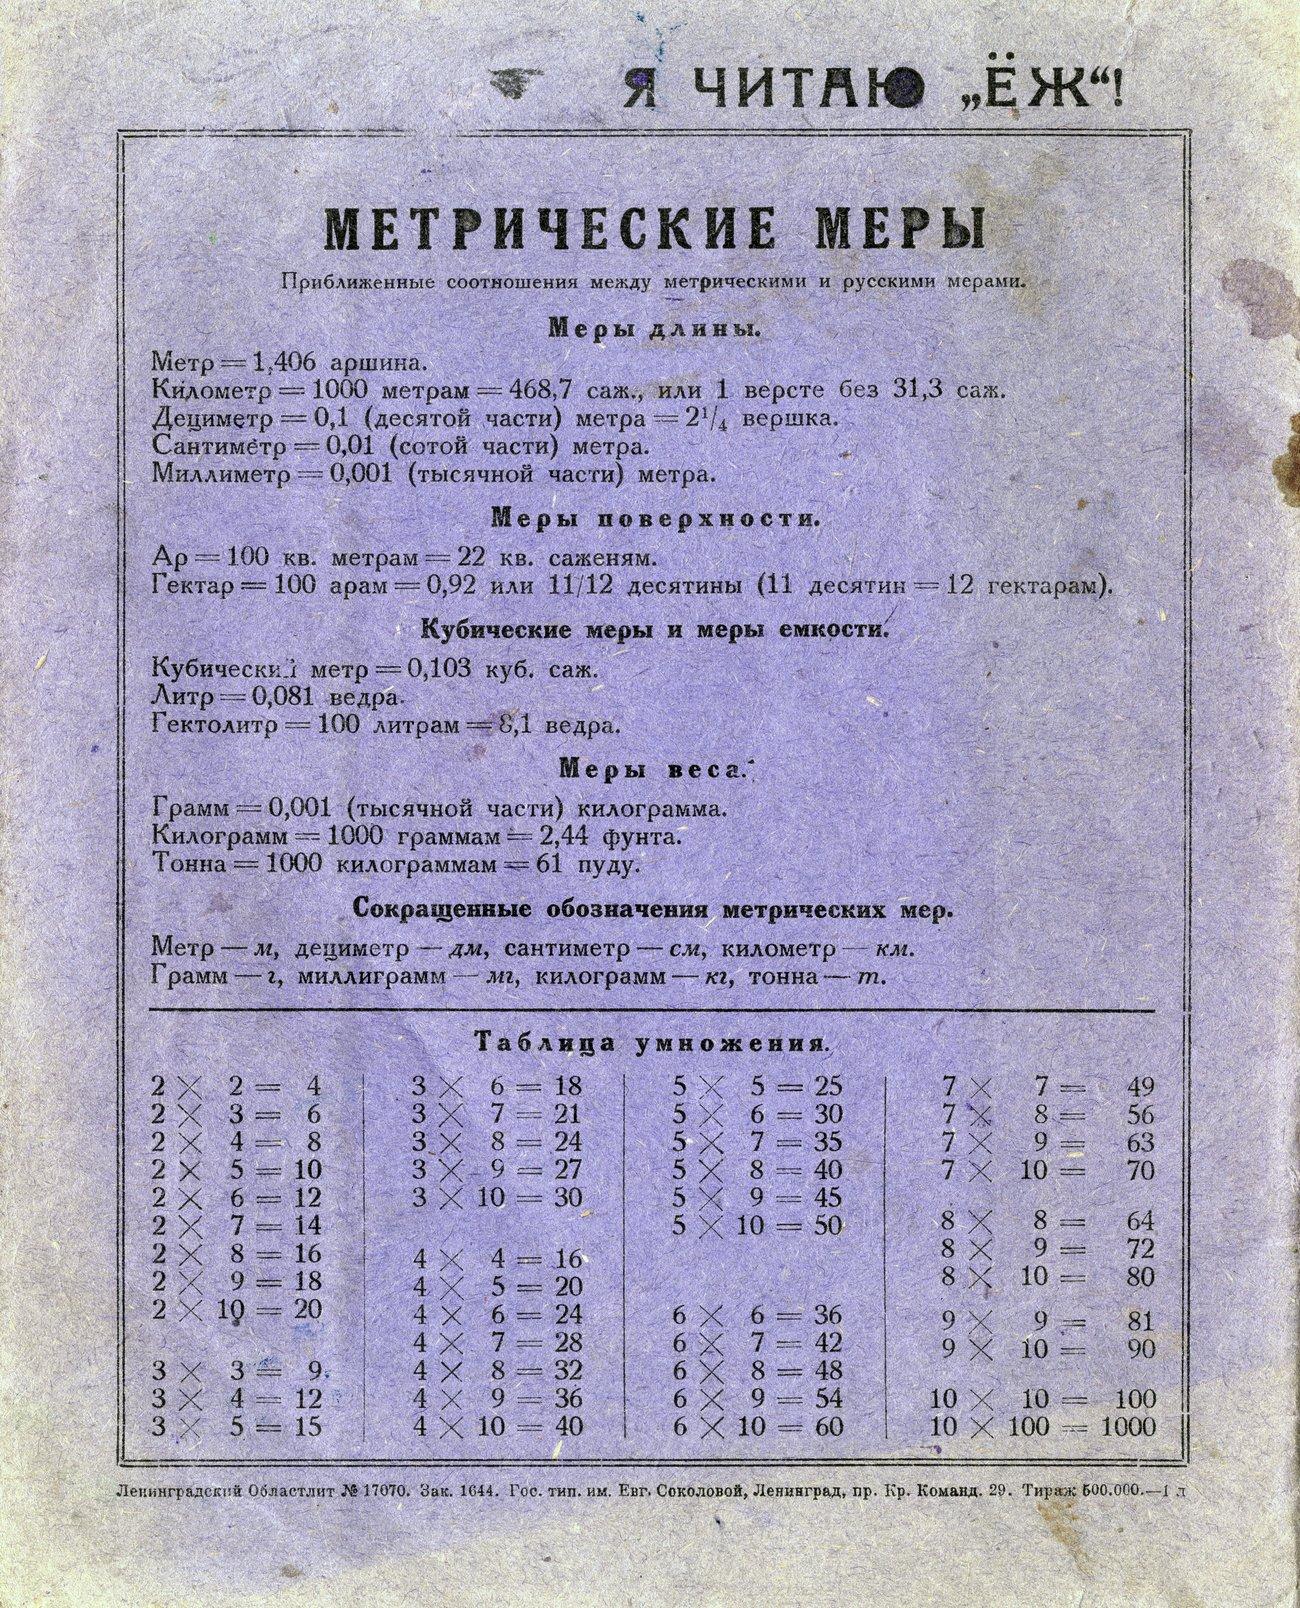 ГИЗ, Ленин, оборот